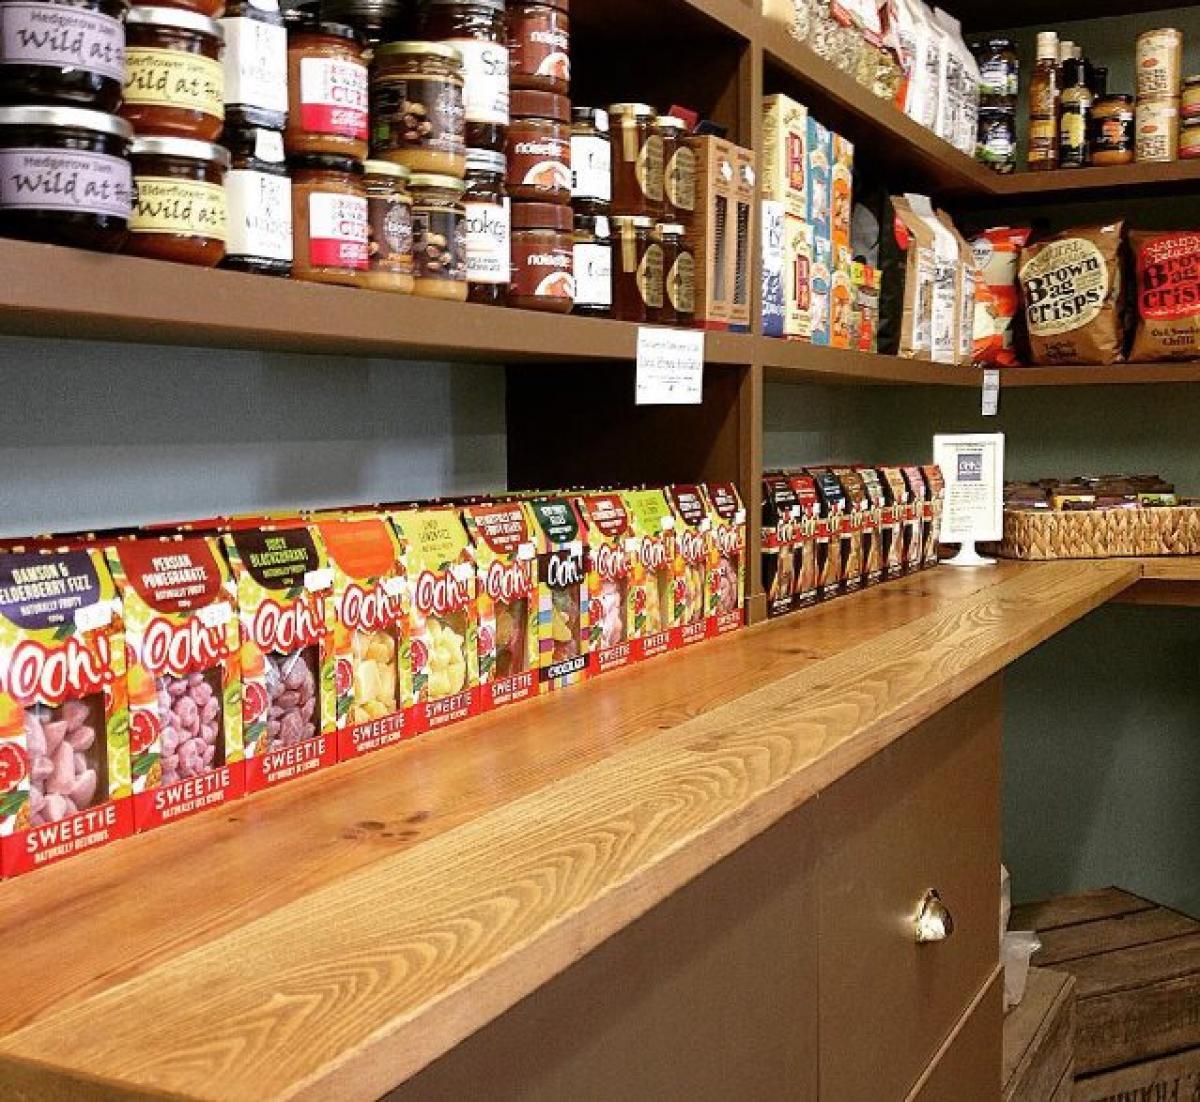 Images from Cholderton Farm Shop & Café